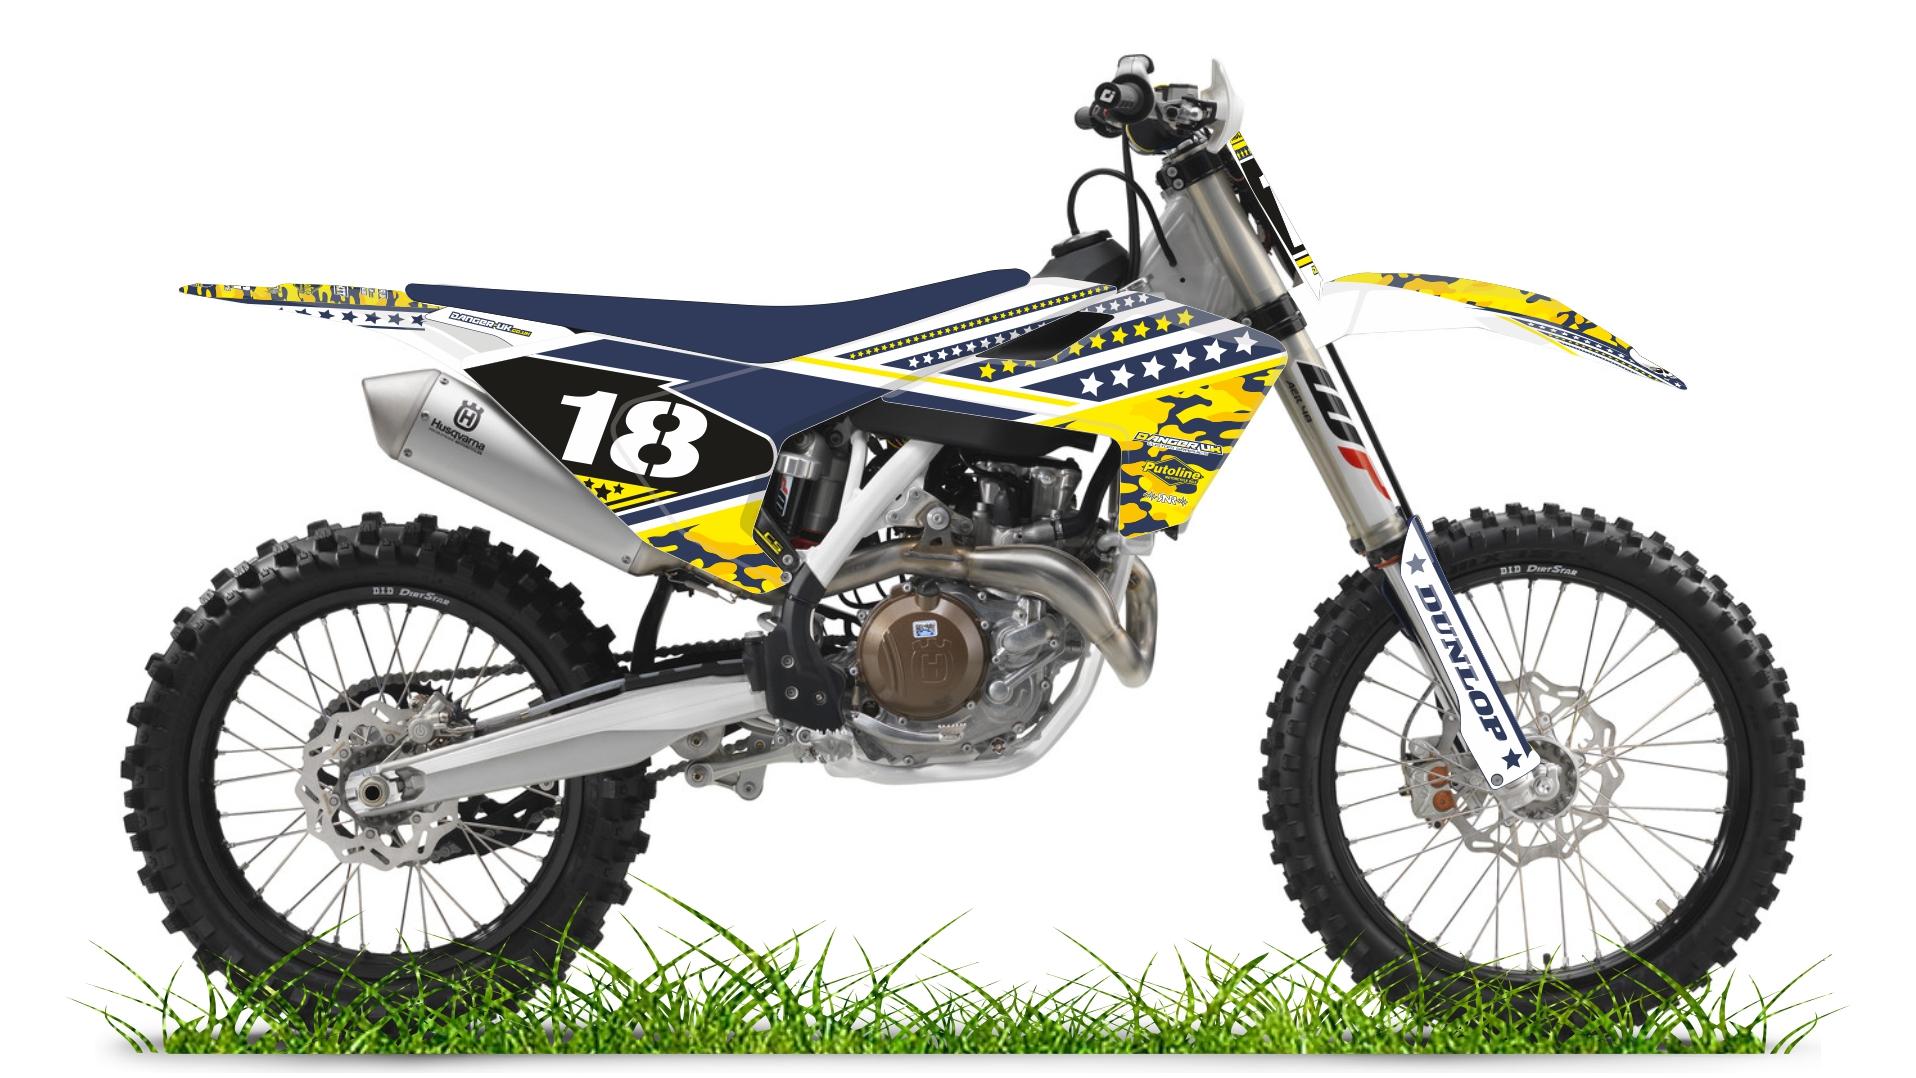 Custom bike 18 husky